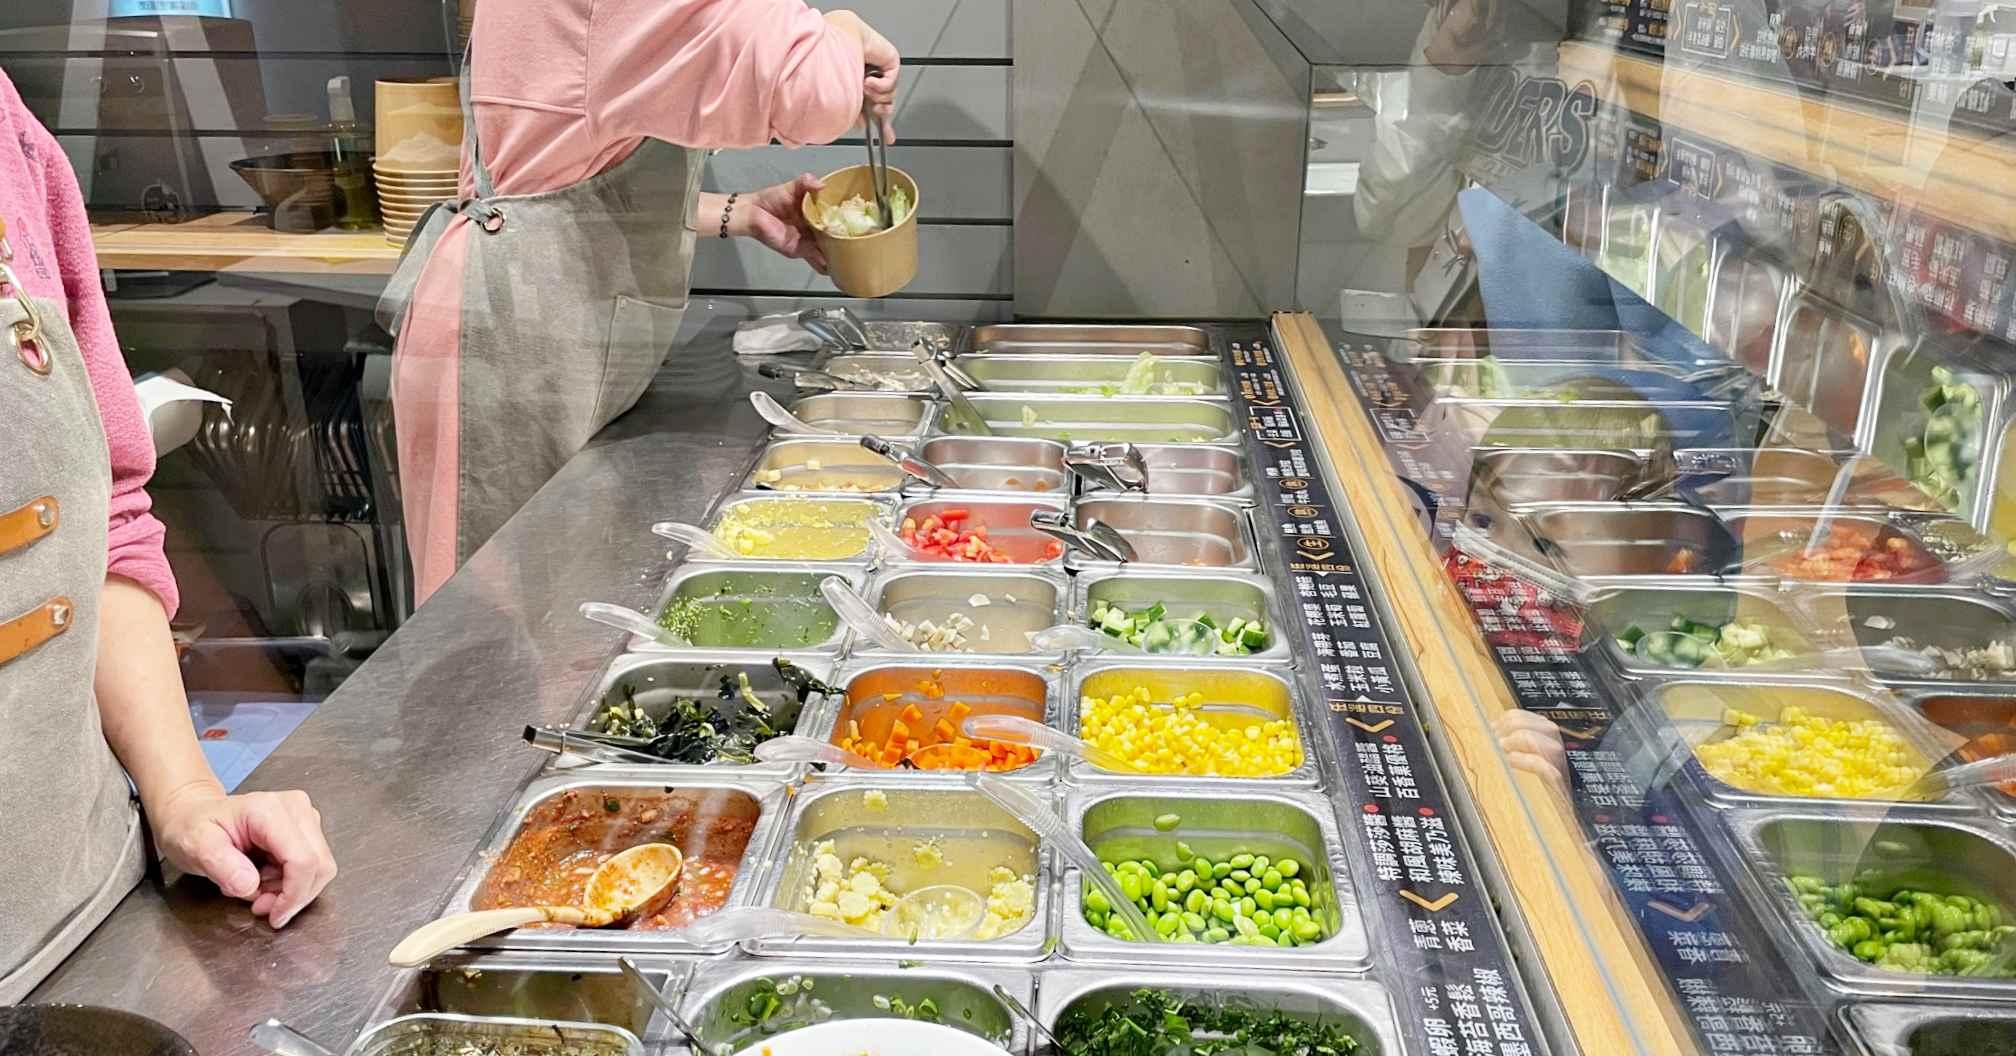 公館美食,JJ's POKE & CAFE 鮮魚沙拉飯,JJ's POKE & CAFE,poke,公館poke @Nash,神之領域